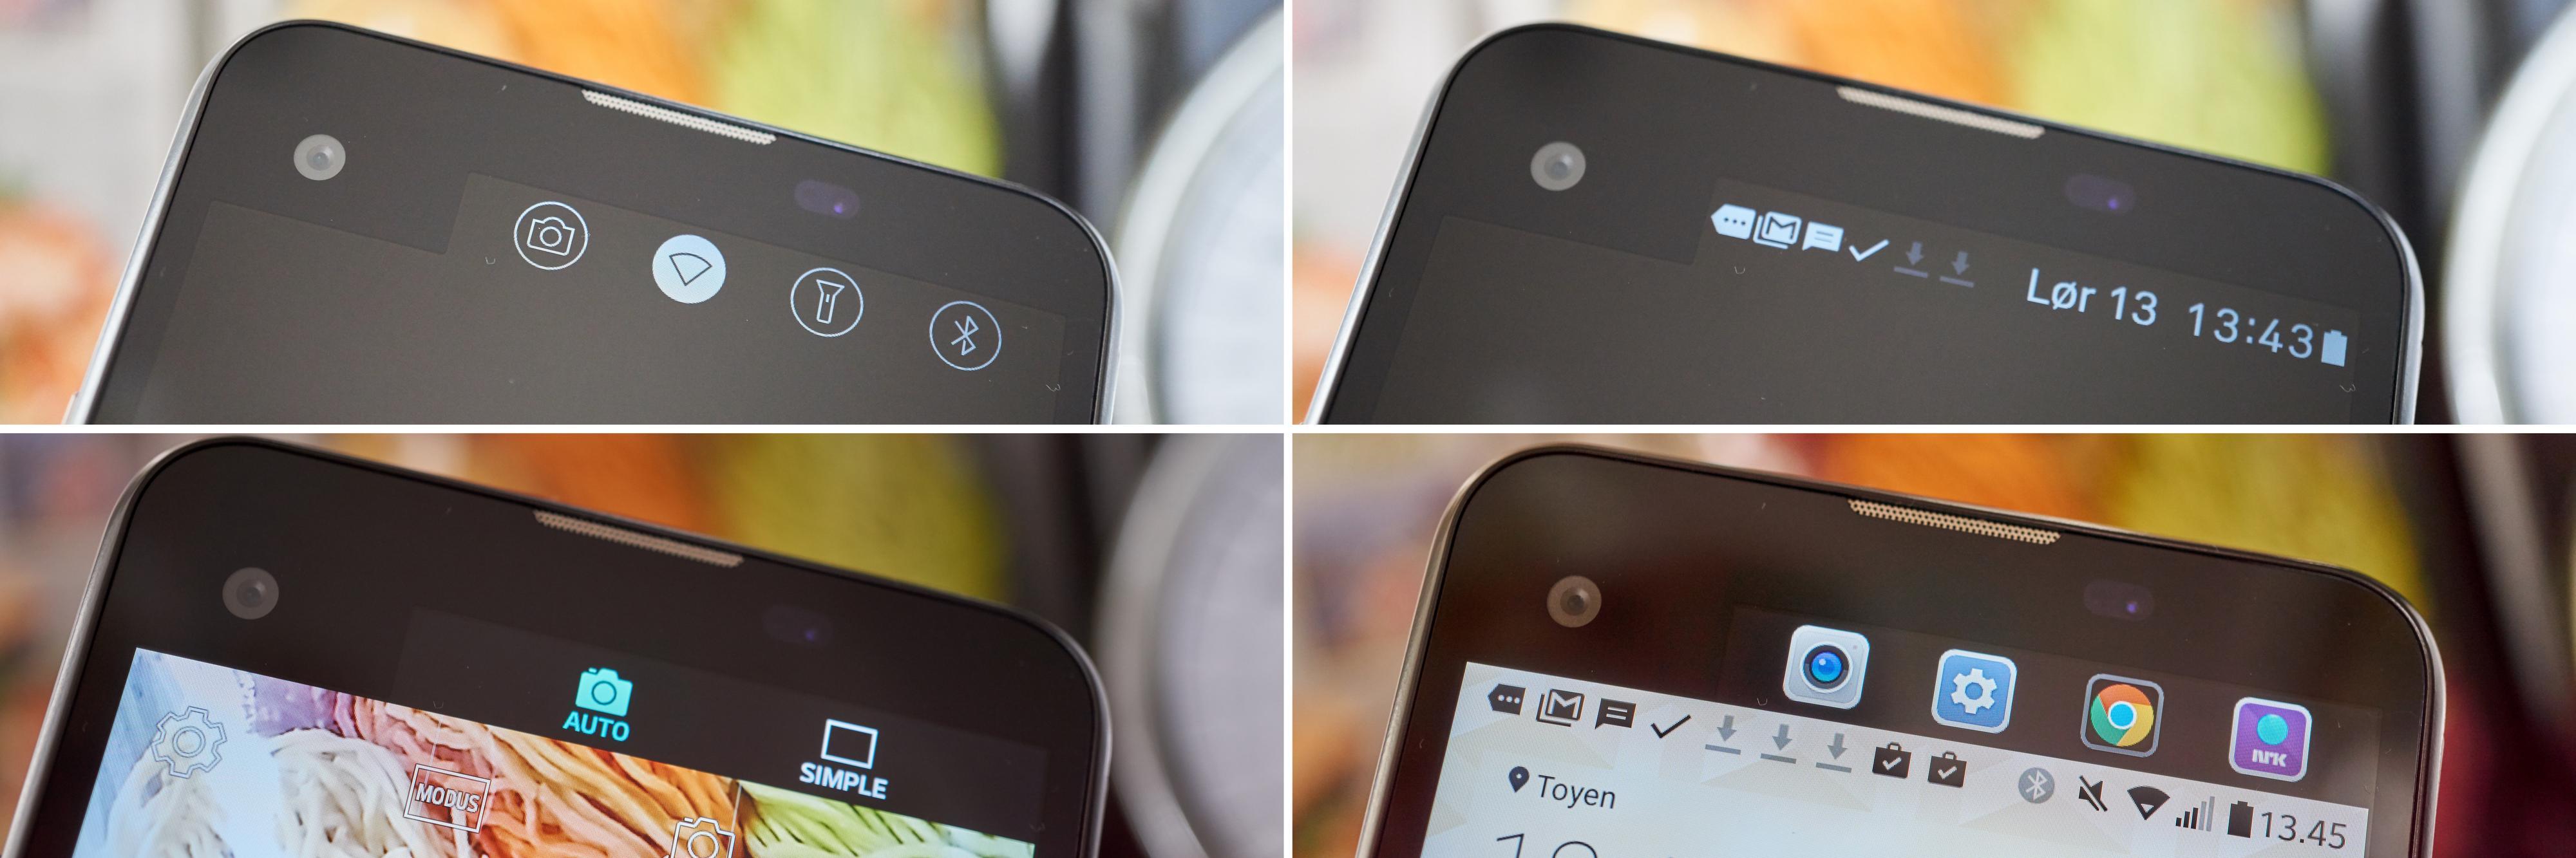 Den ekstra skjermen kan brukes på mange måter. Nederst til venstre ser du også hvordan noen av kameraknappene flyttes ut dit.